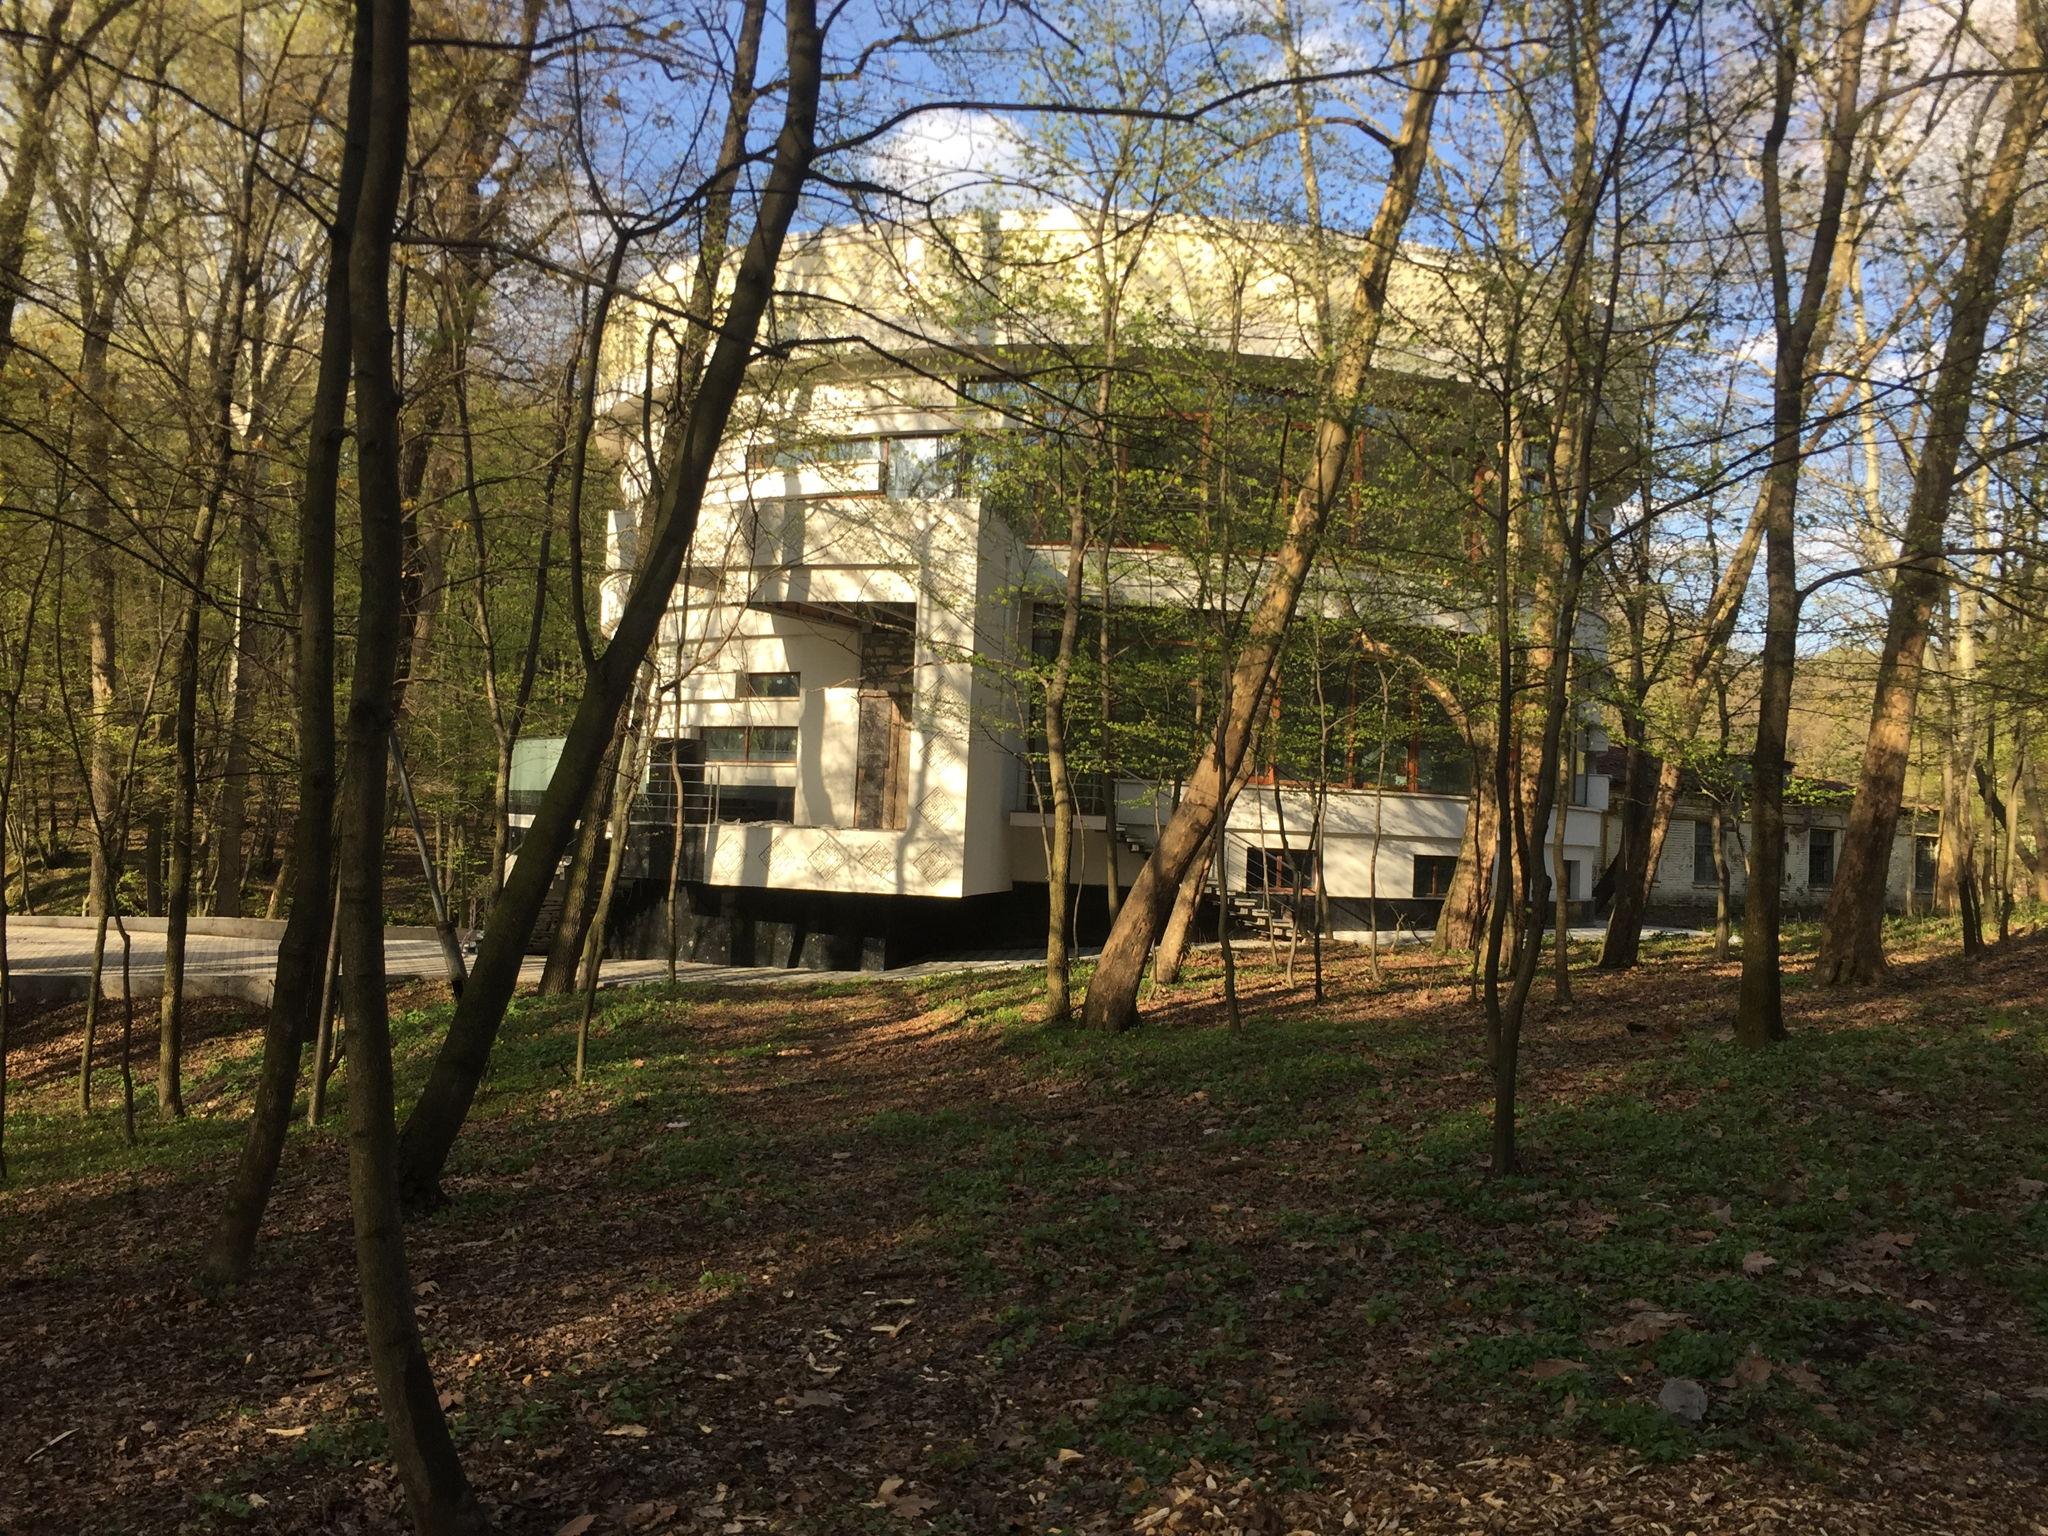 Нежилое помещение, W-5293406, Голосеевский проспект (40-летия Октября просп.), 87, Киев - Фото 4